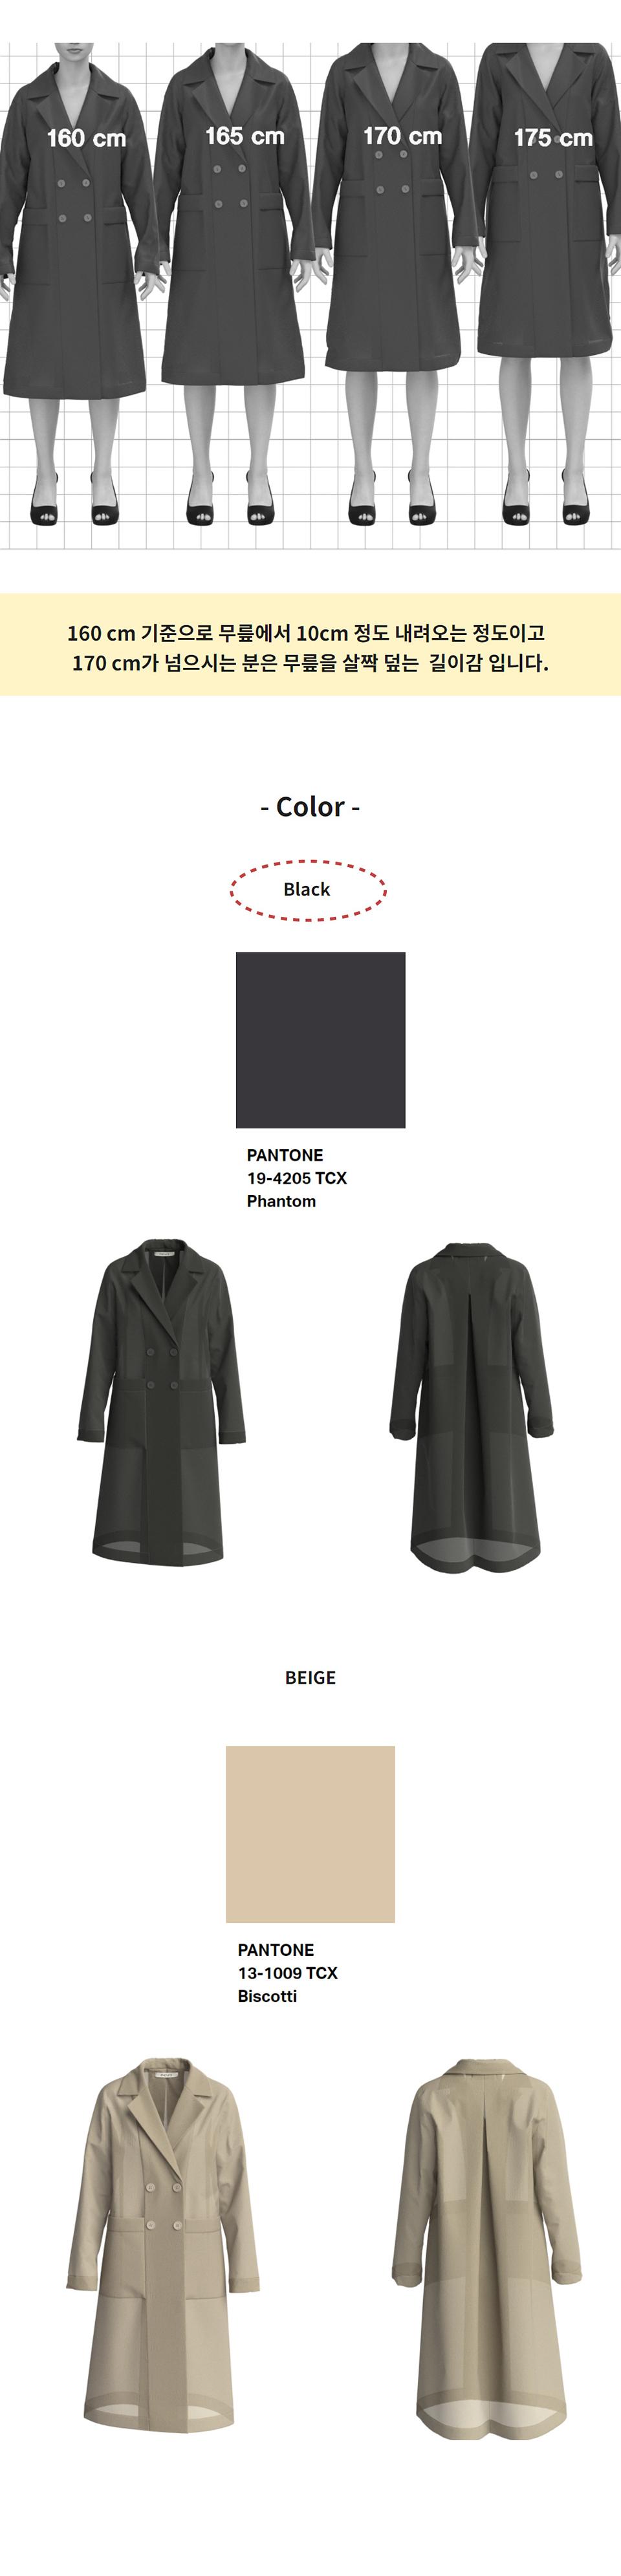 아쿠드(ACUD) Light Feather Trench Coat_Black